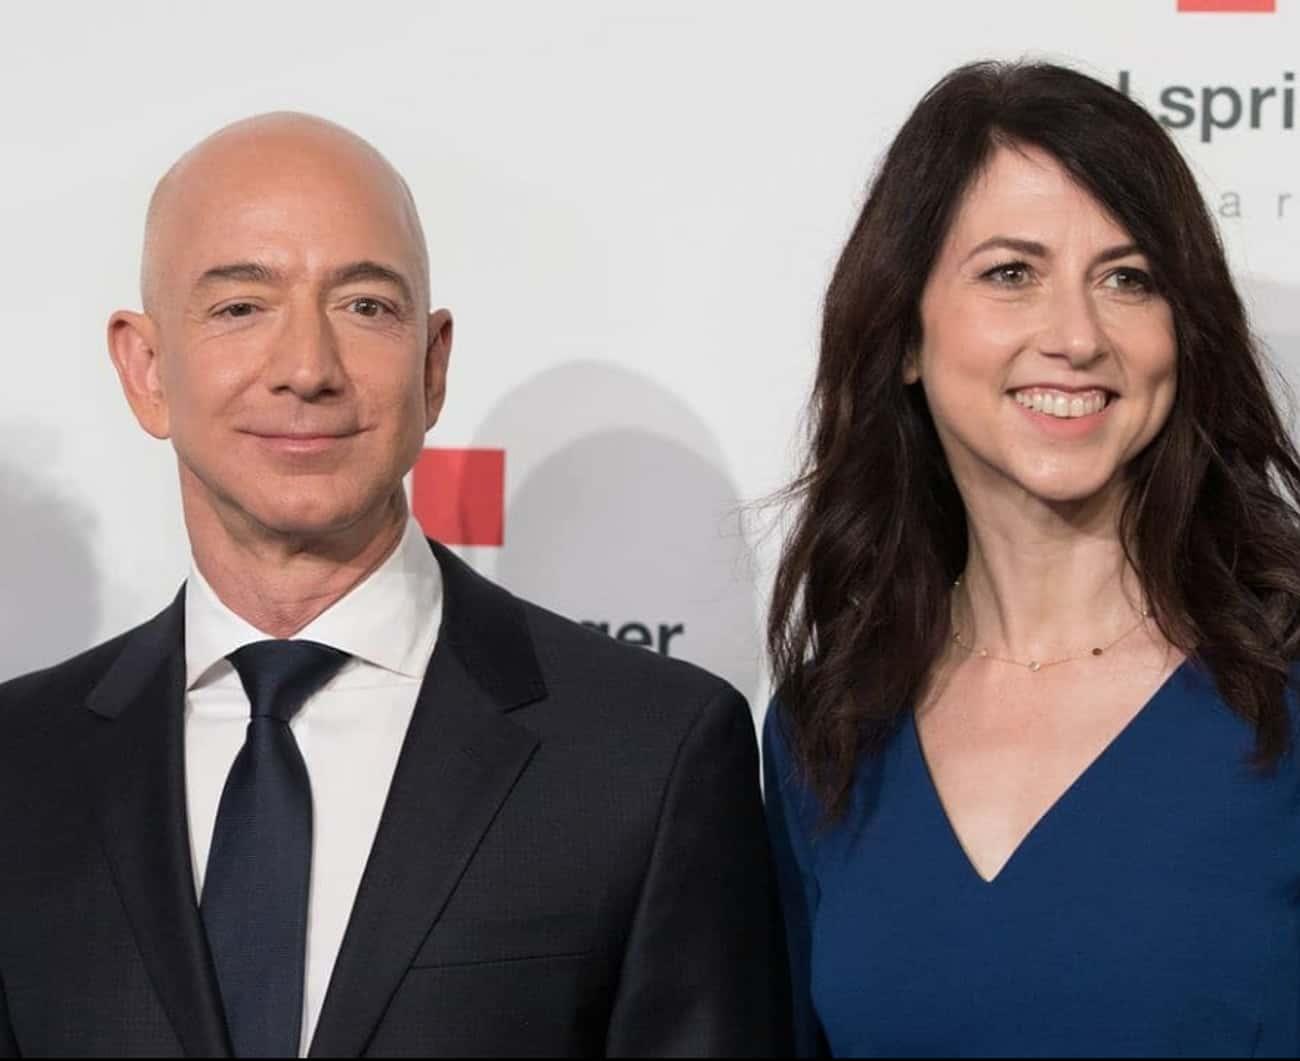 Jeff Bezos & MacKenzie Bezos